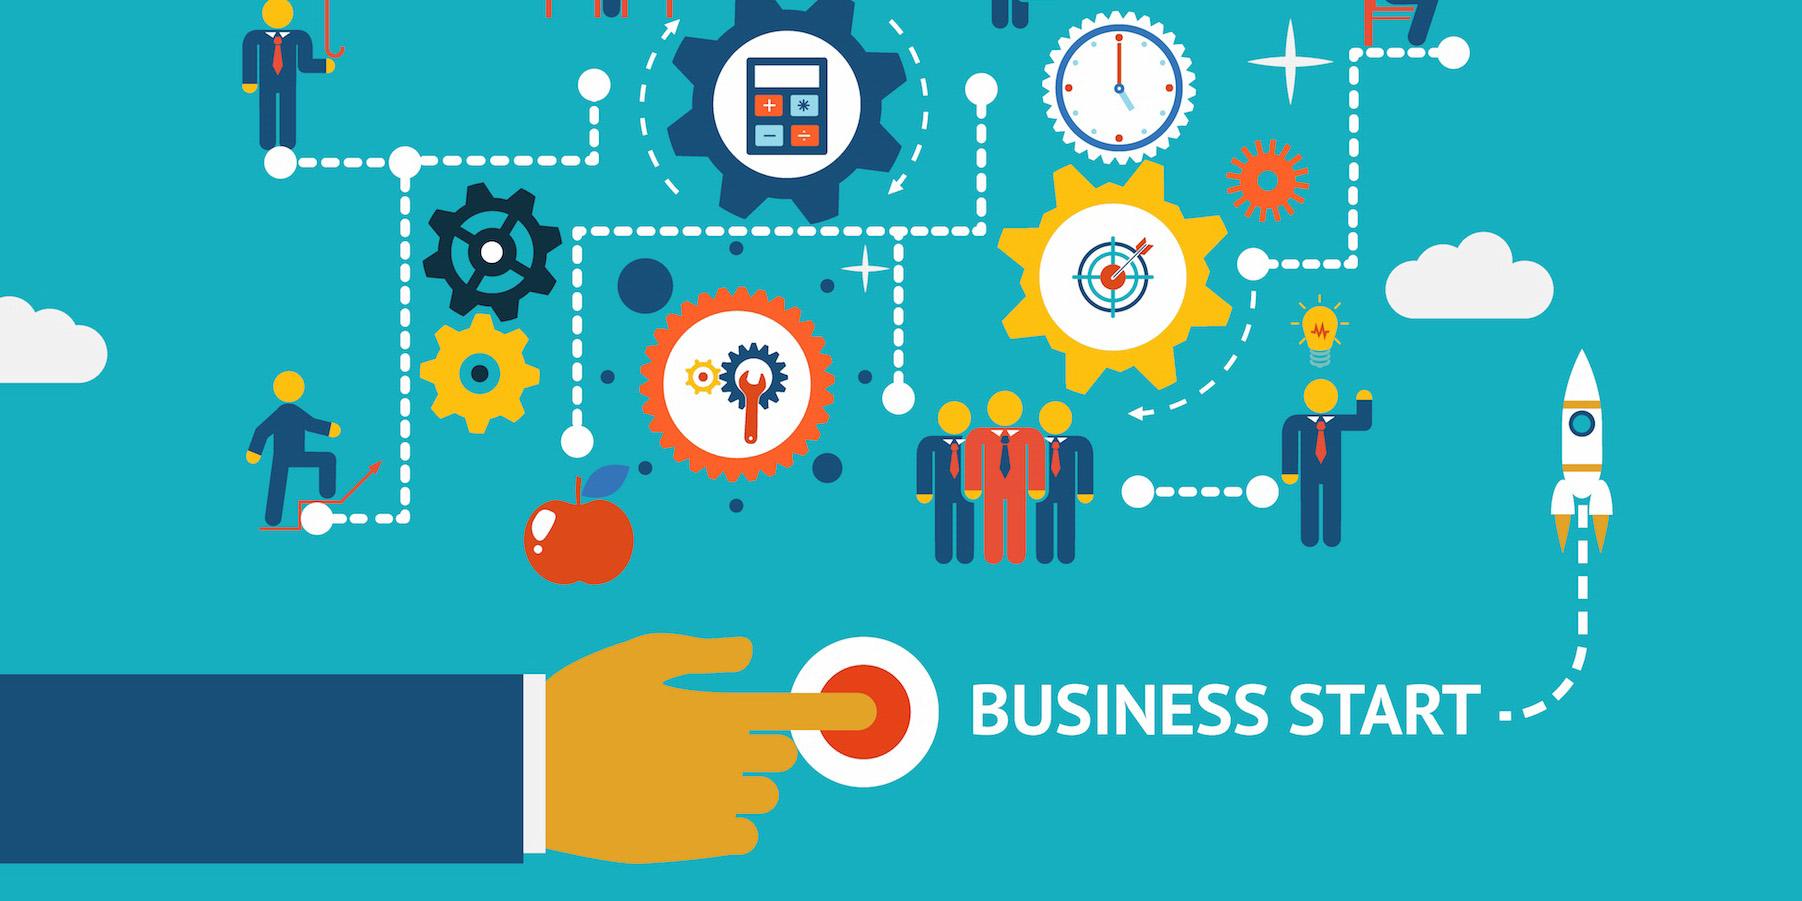 تاسیس بنگاه با تمرکز بر مشتریانی از یک نسل